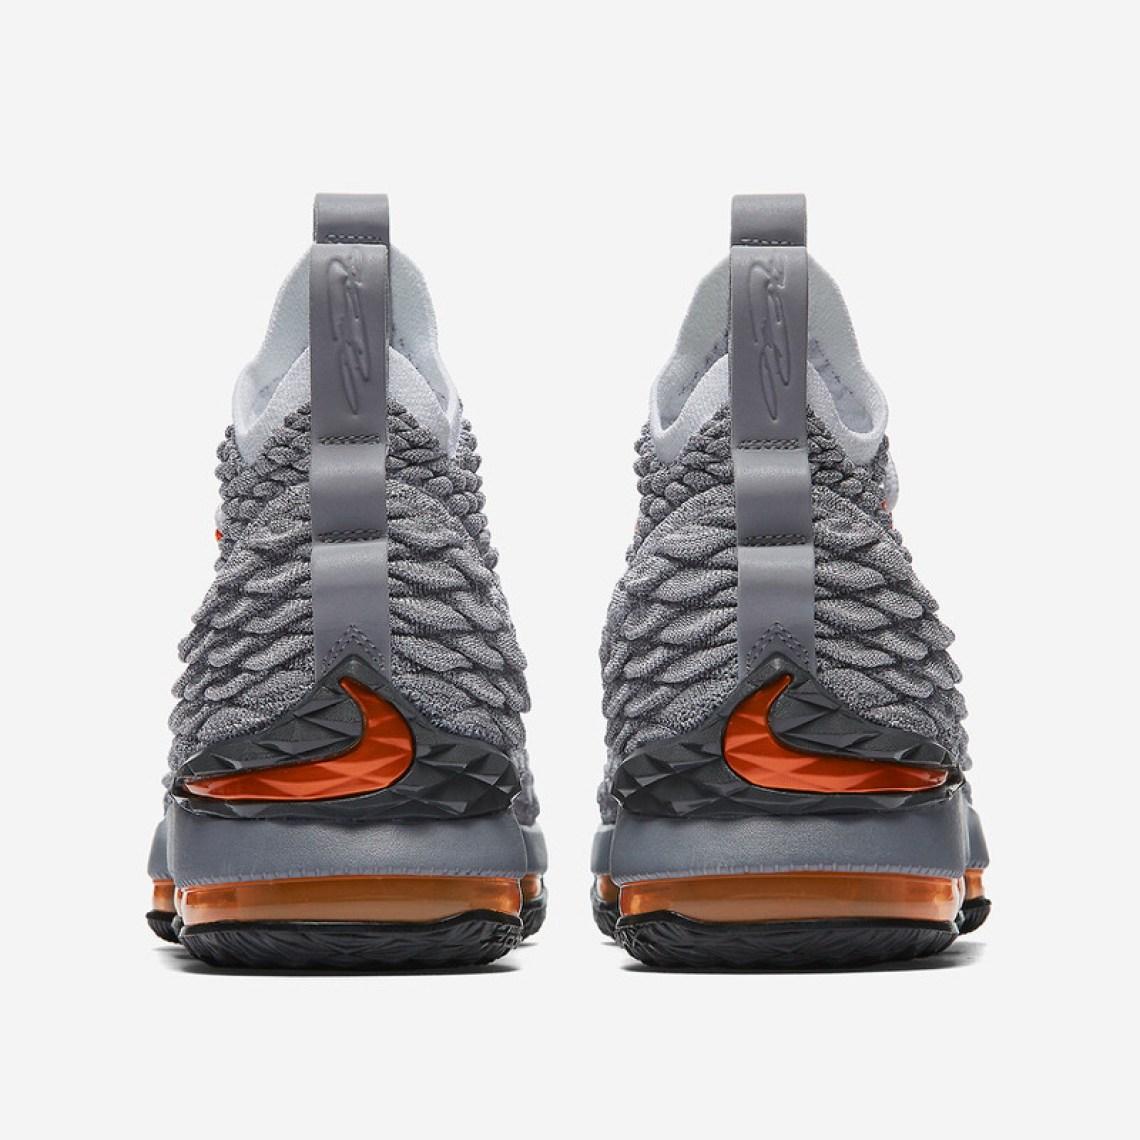 abca2eaf882 Nike LeBron 15